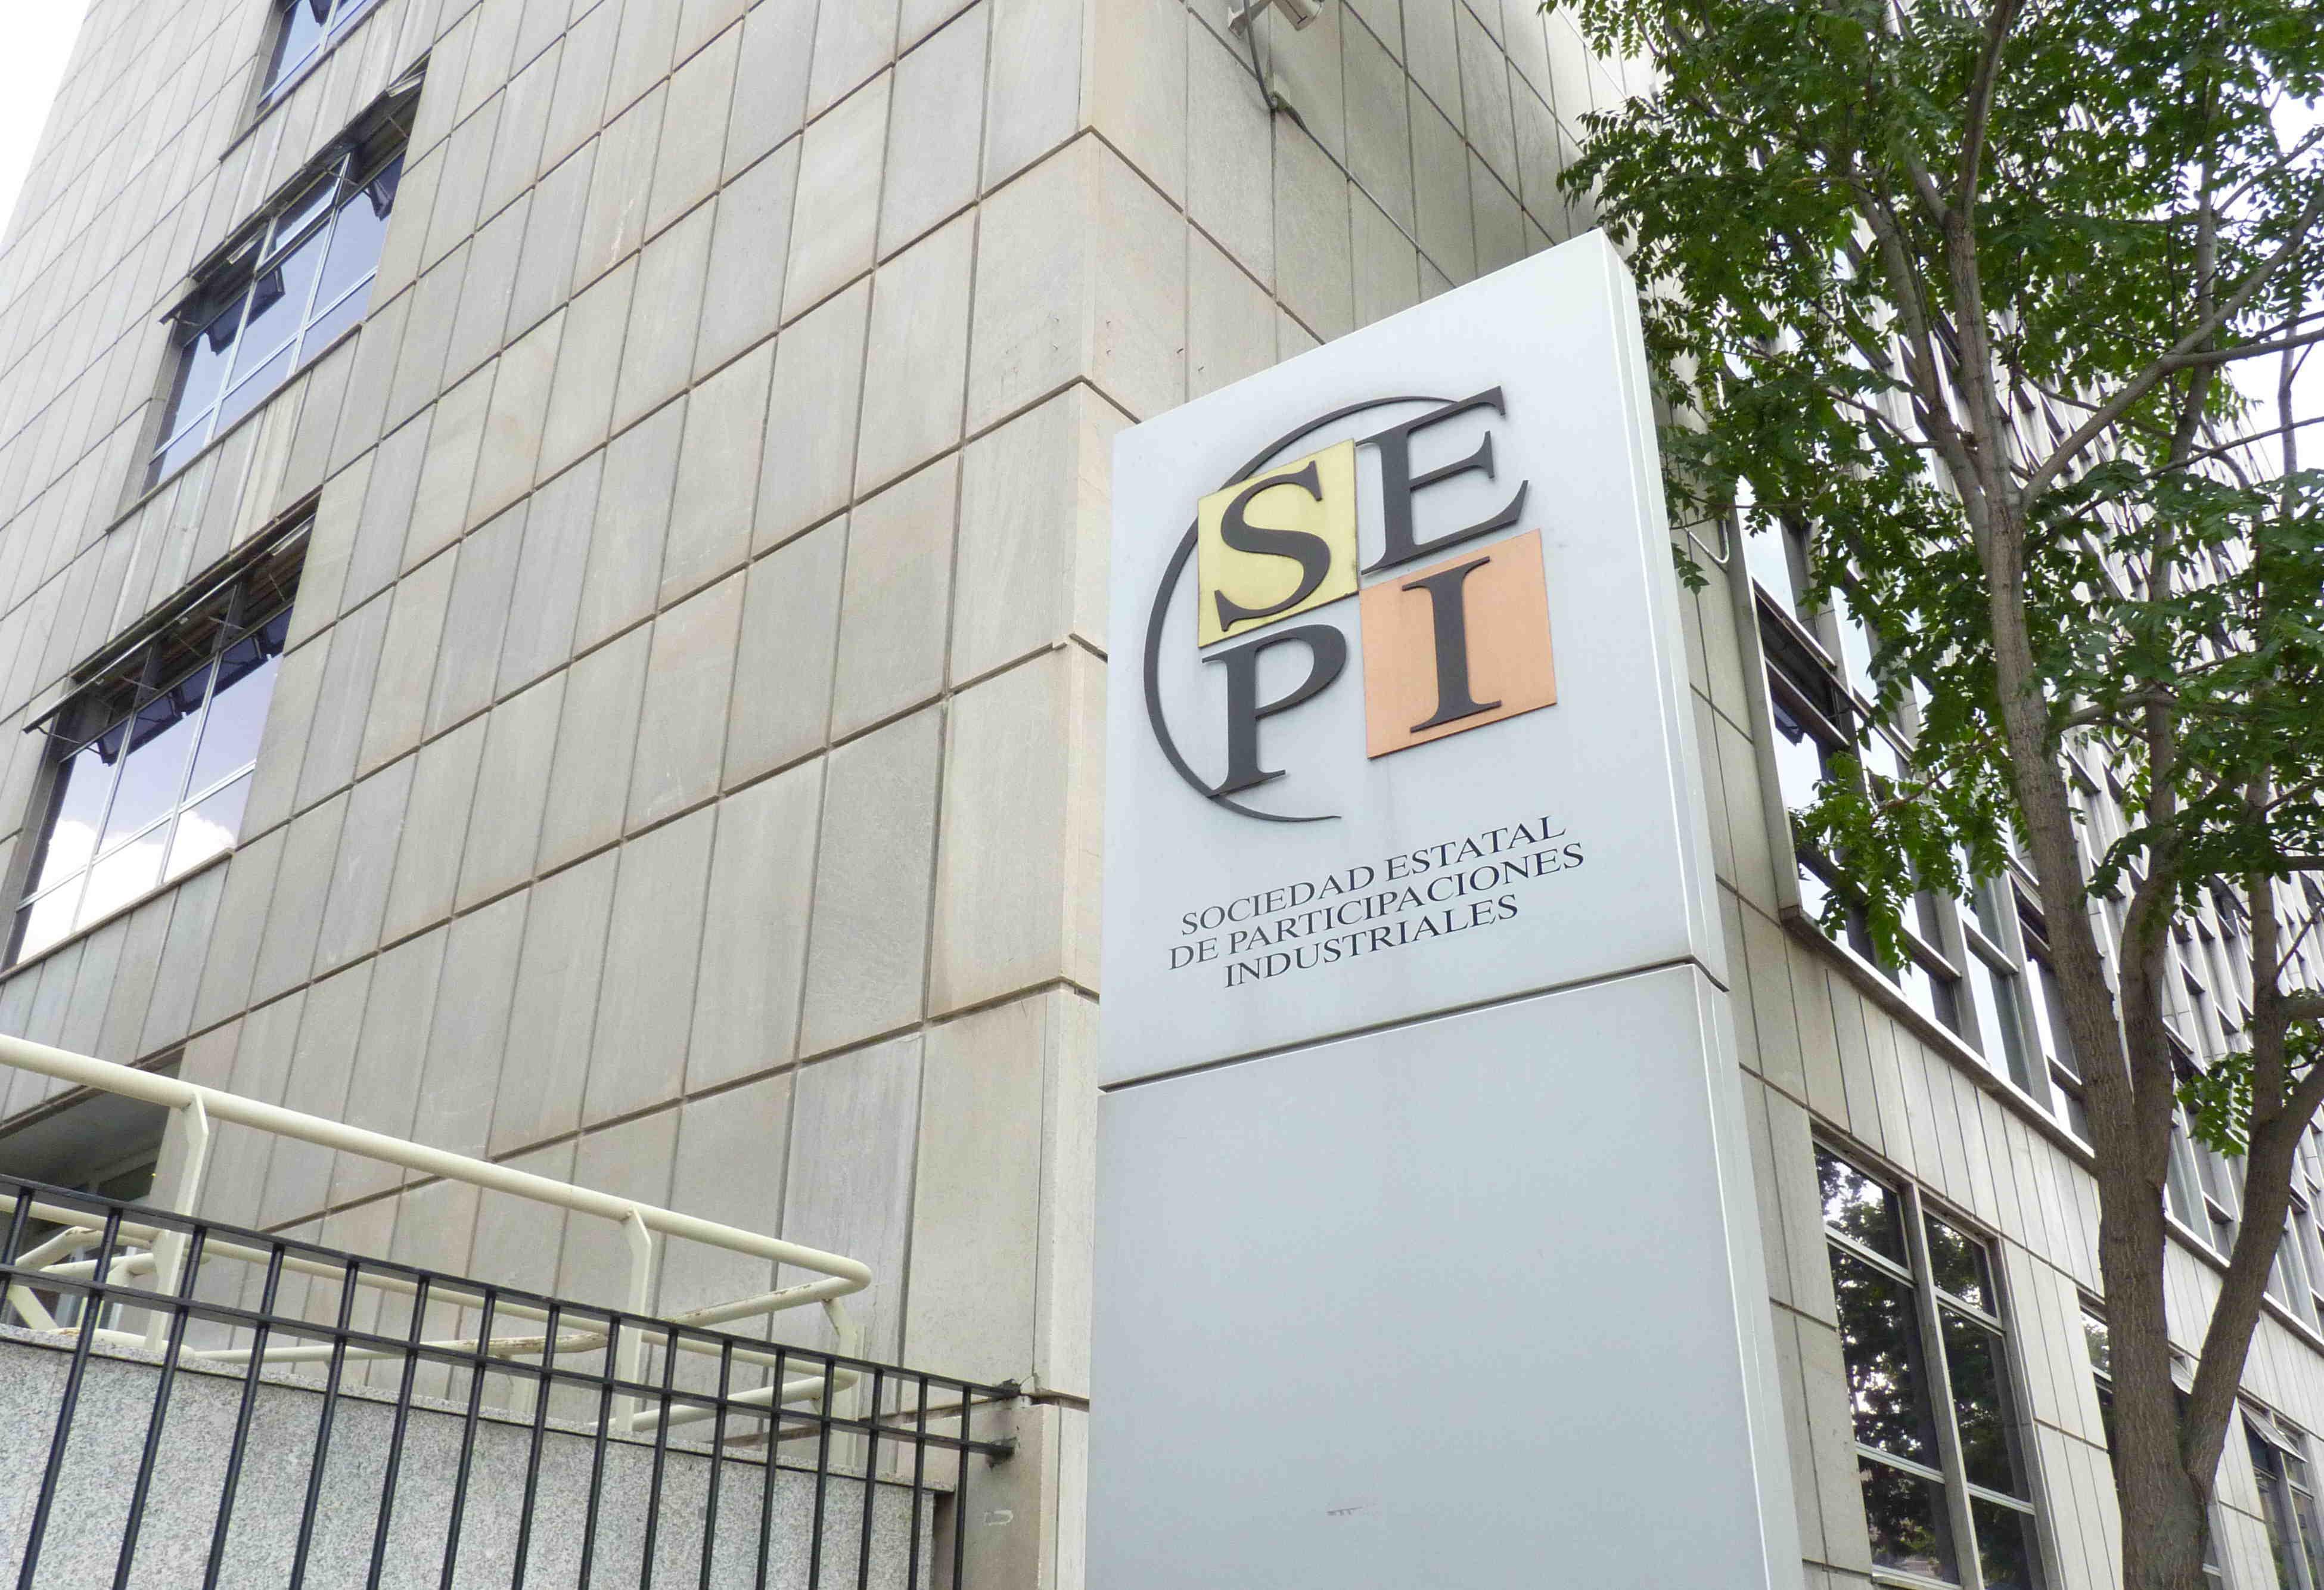 Sede de la Sociedad Estatal de Participaciones Industrial.